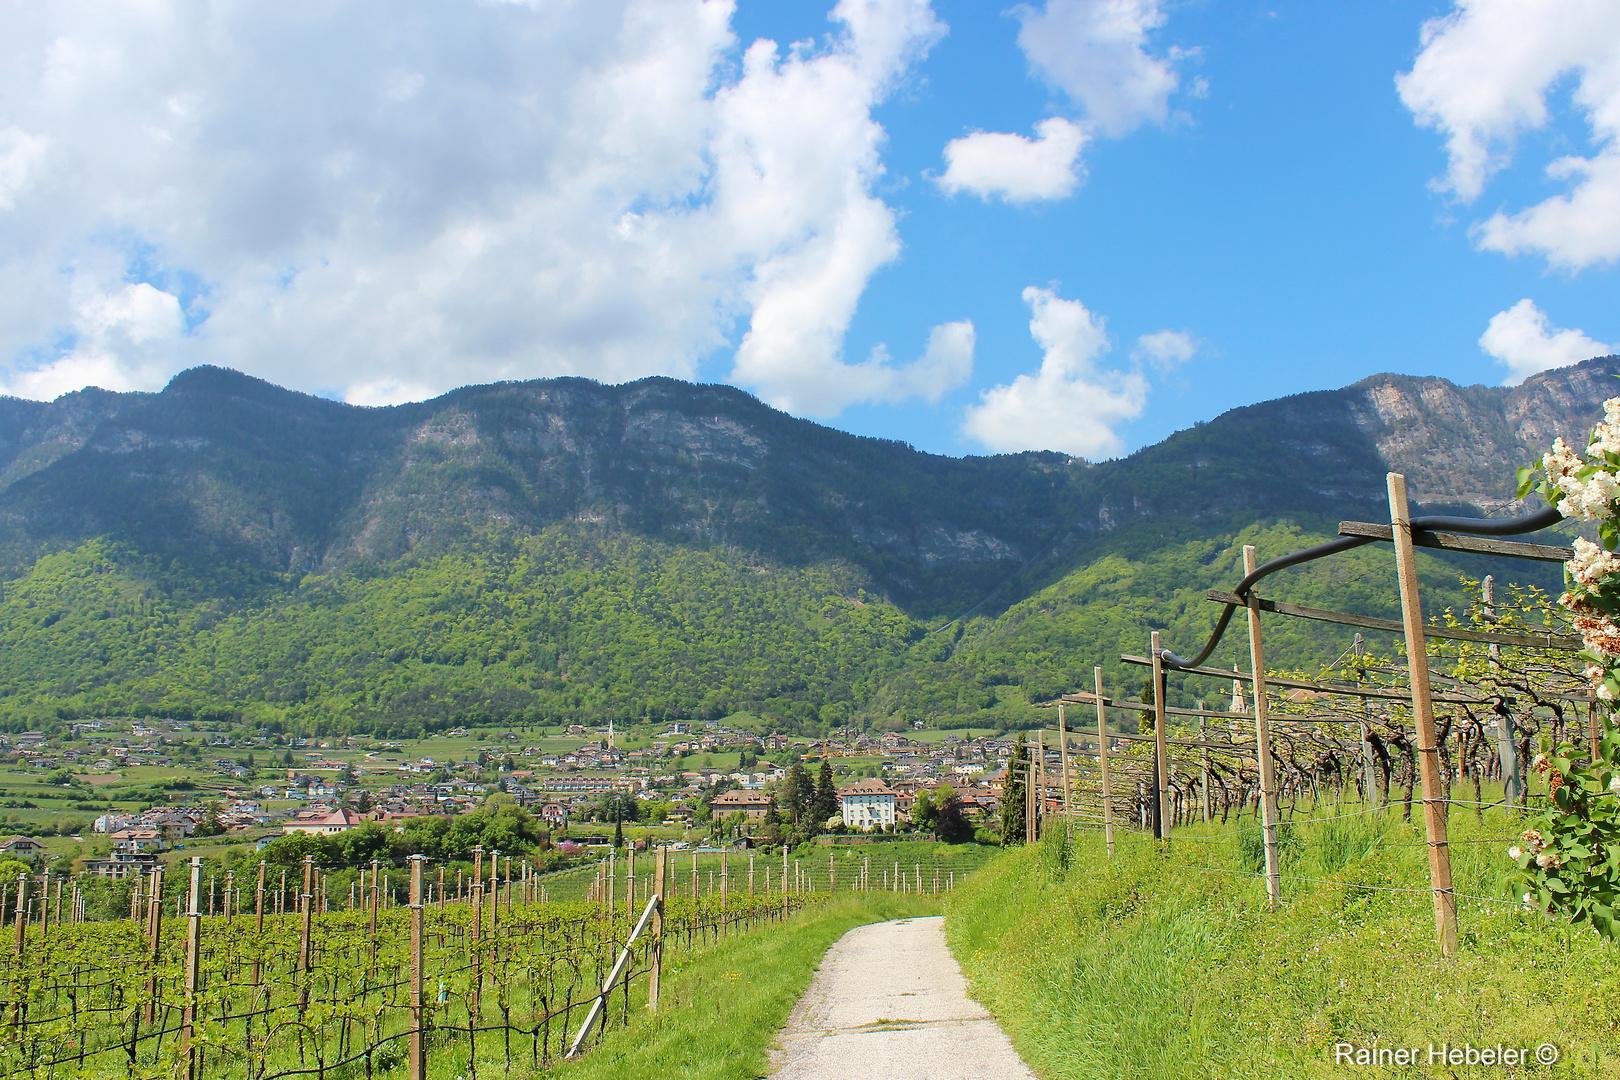 Blick aus den Weinbergen auf Kaltern und den Mendelpass